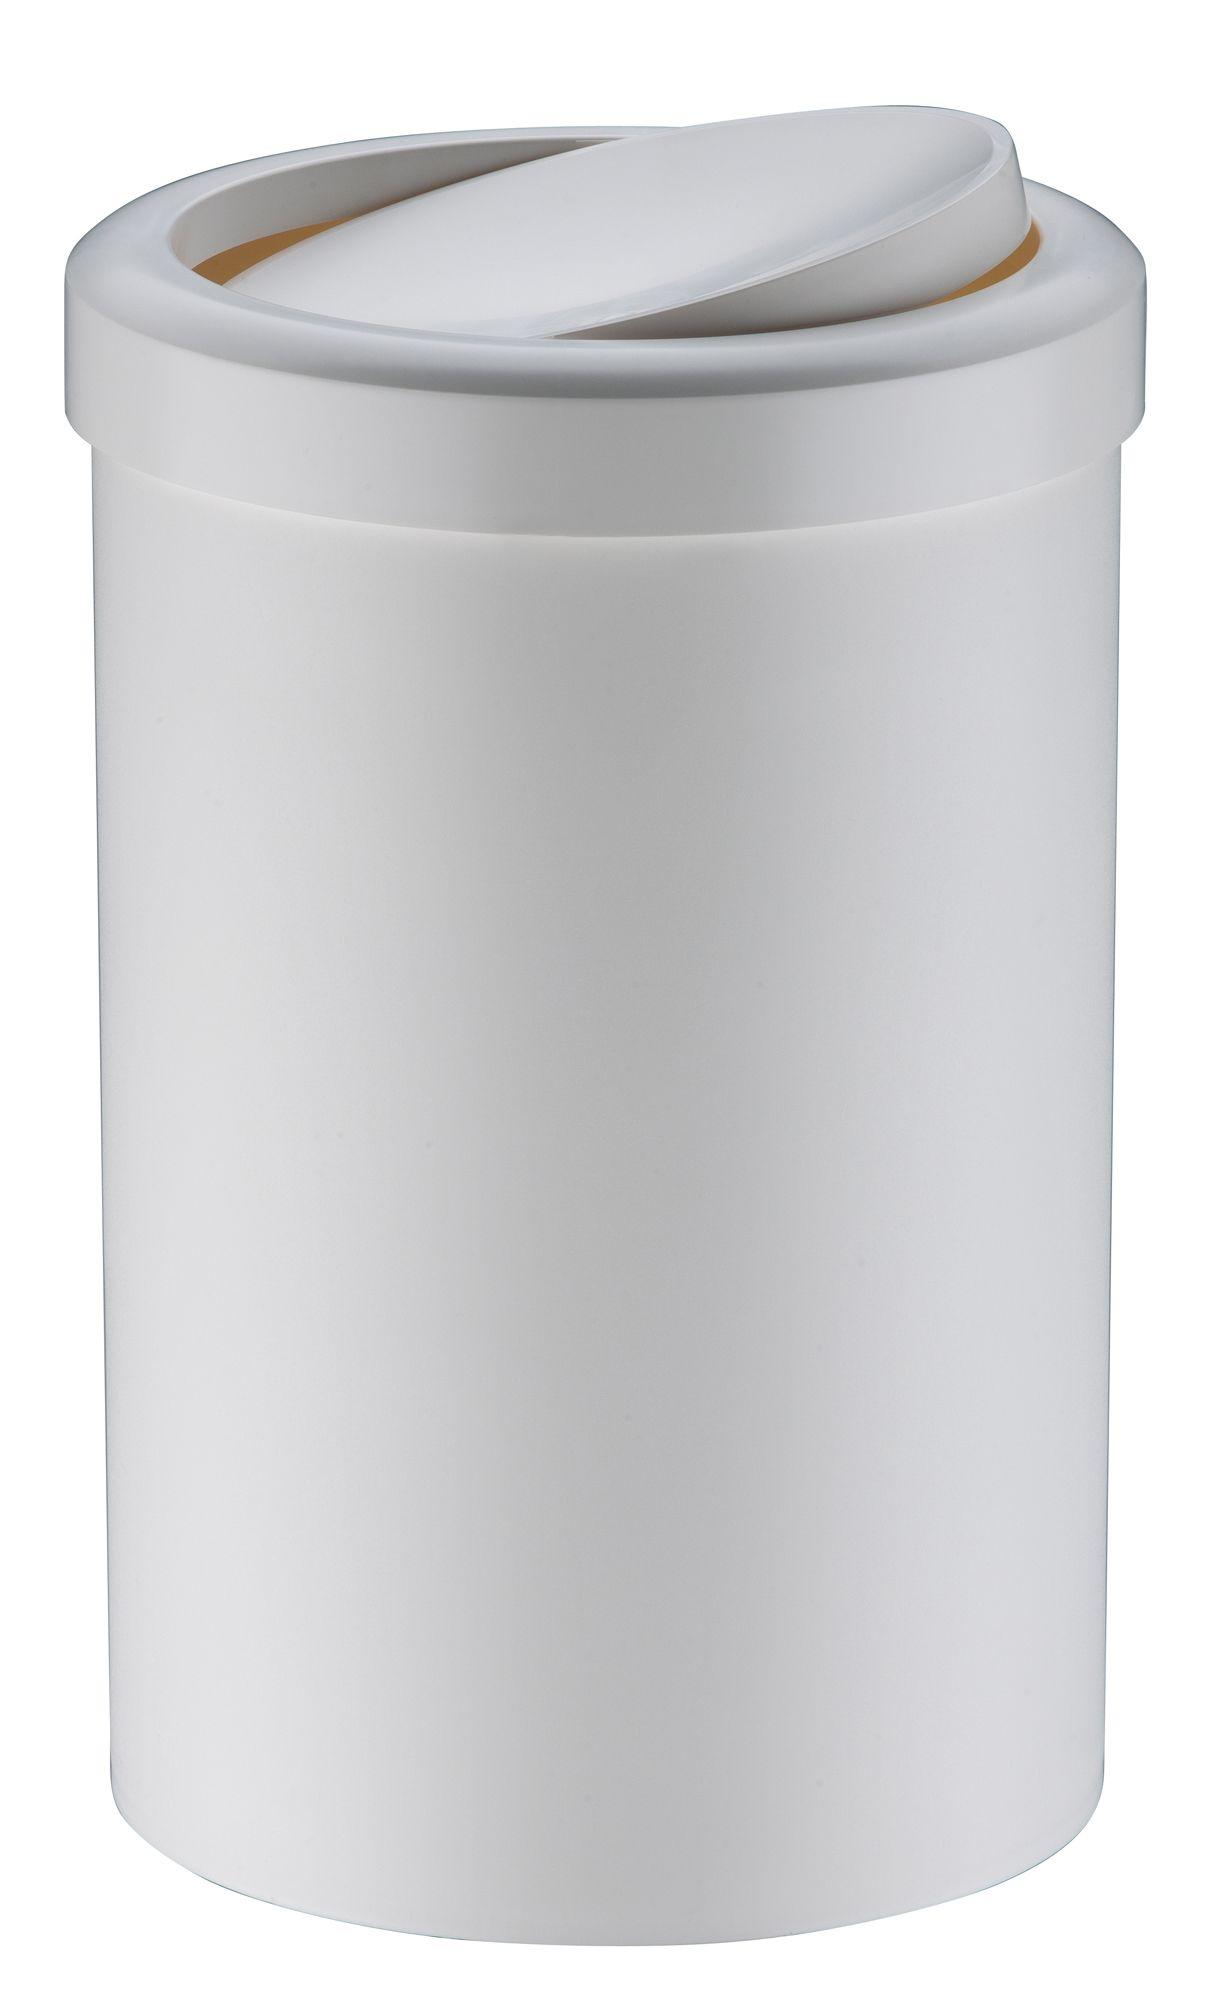 Lixeira c/ Tampa Basculante 8 litros Branca